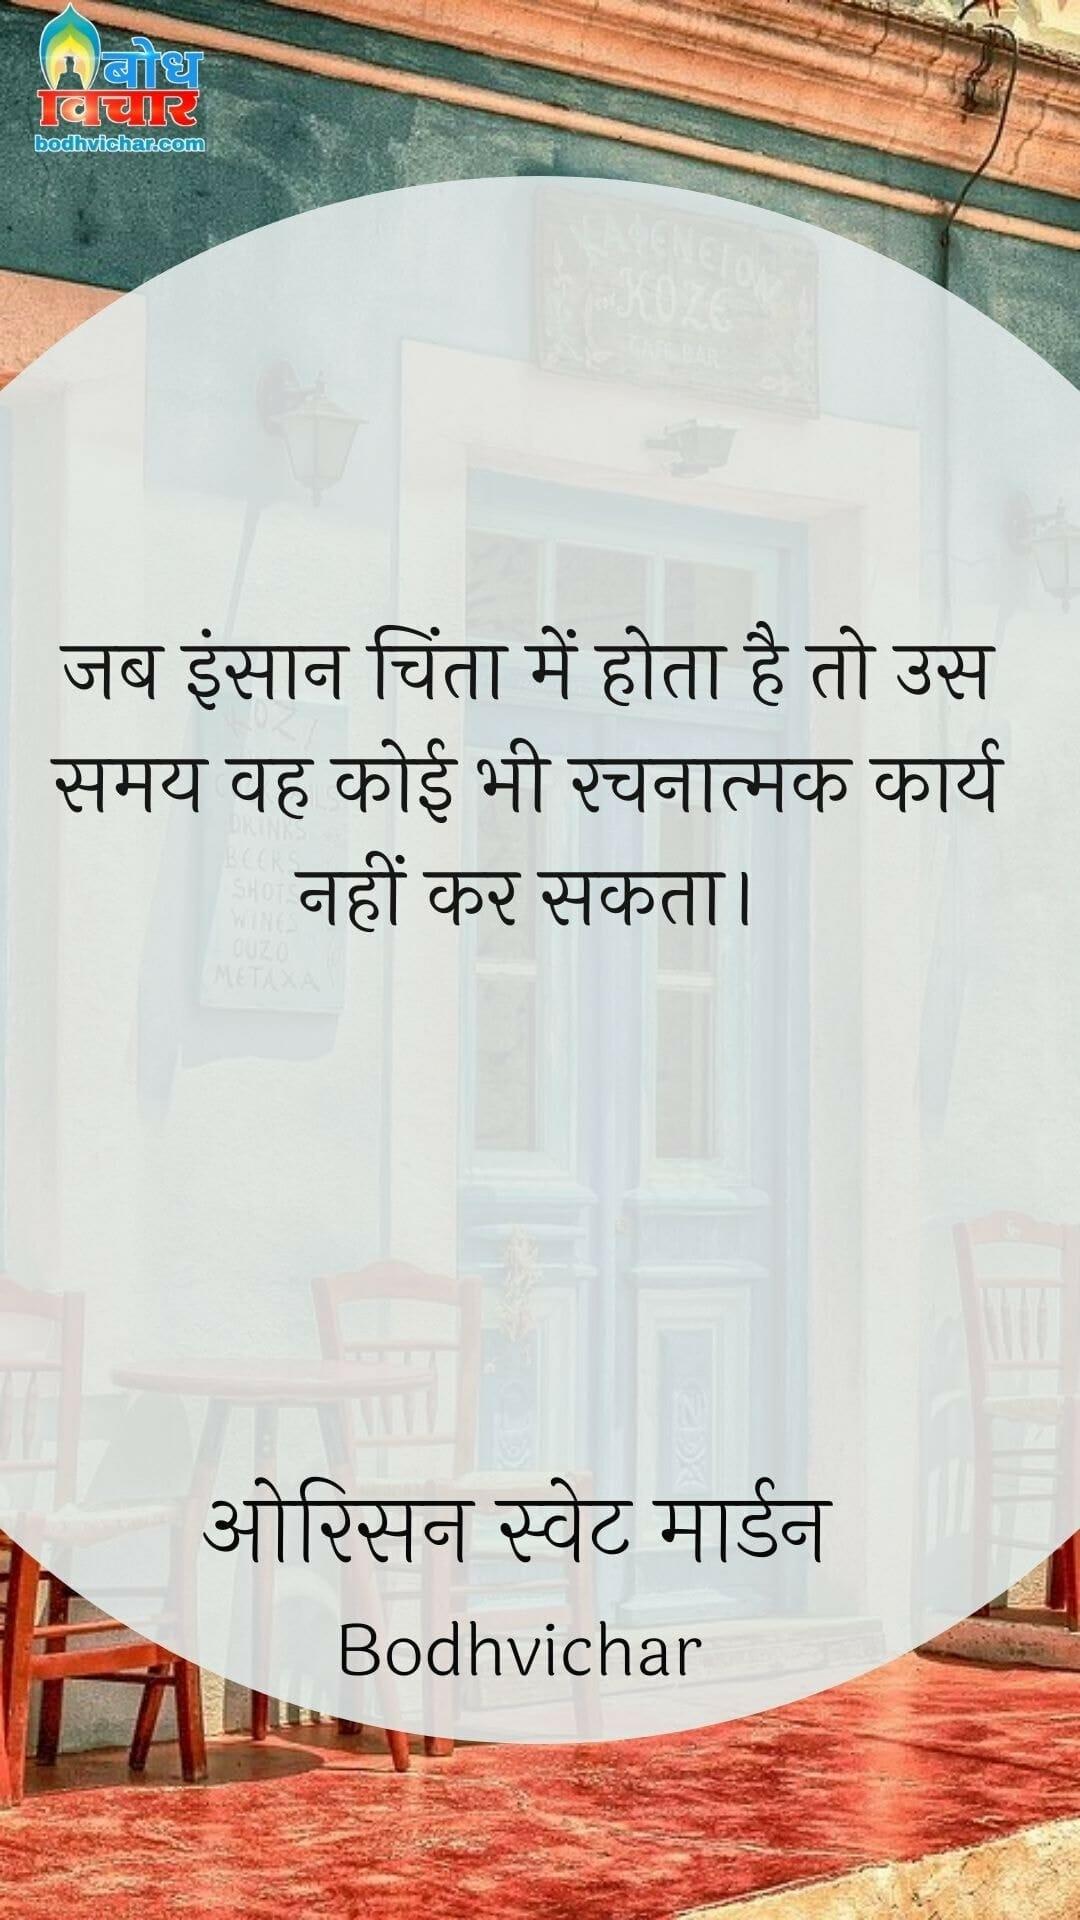 जब इंसान चिंता में होता है तो उस समय वह कोई भी रचनात्मक कार्य नहीं कर सकता। : Jab insaan chinta mein hota hai to us samay vah koi bhi rachnatmak karya nahi kar sakta. - ओरिसन स्वेट मार्डन